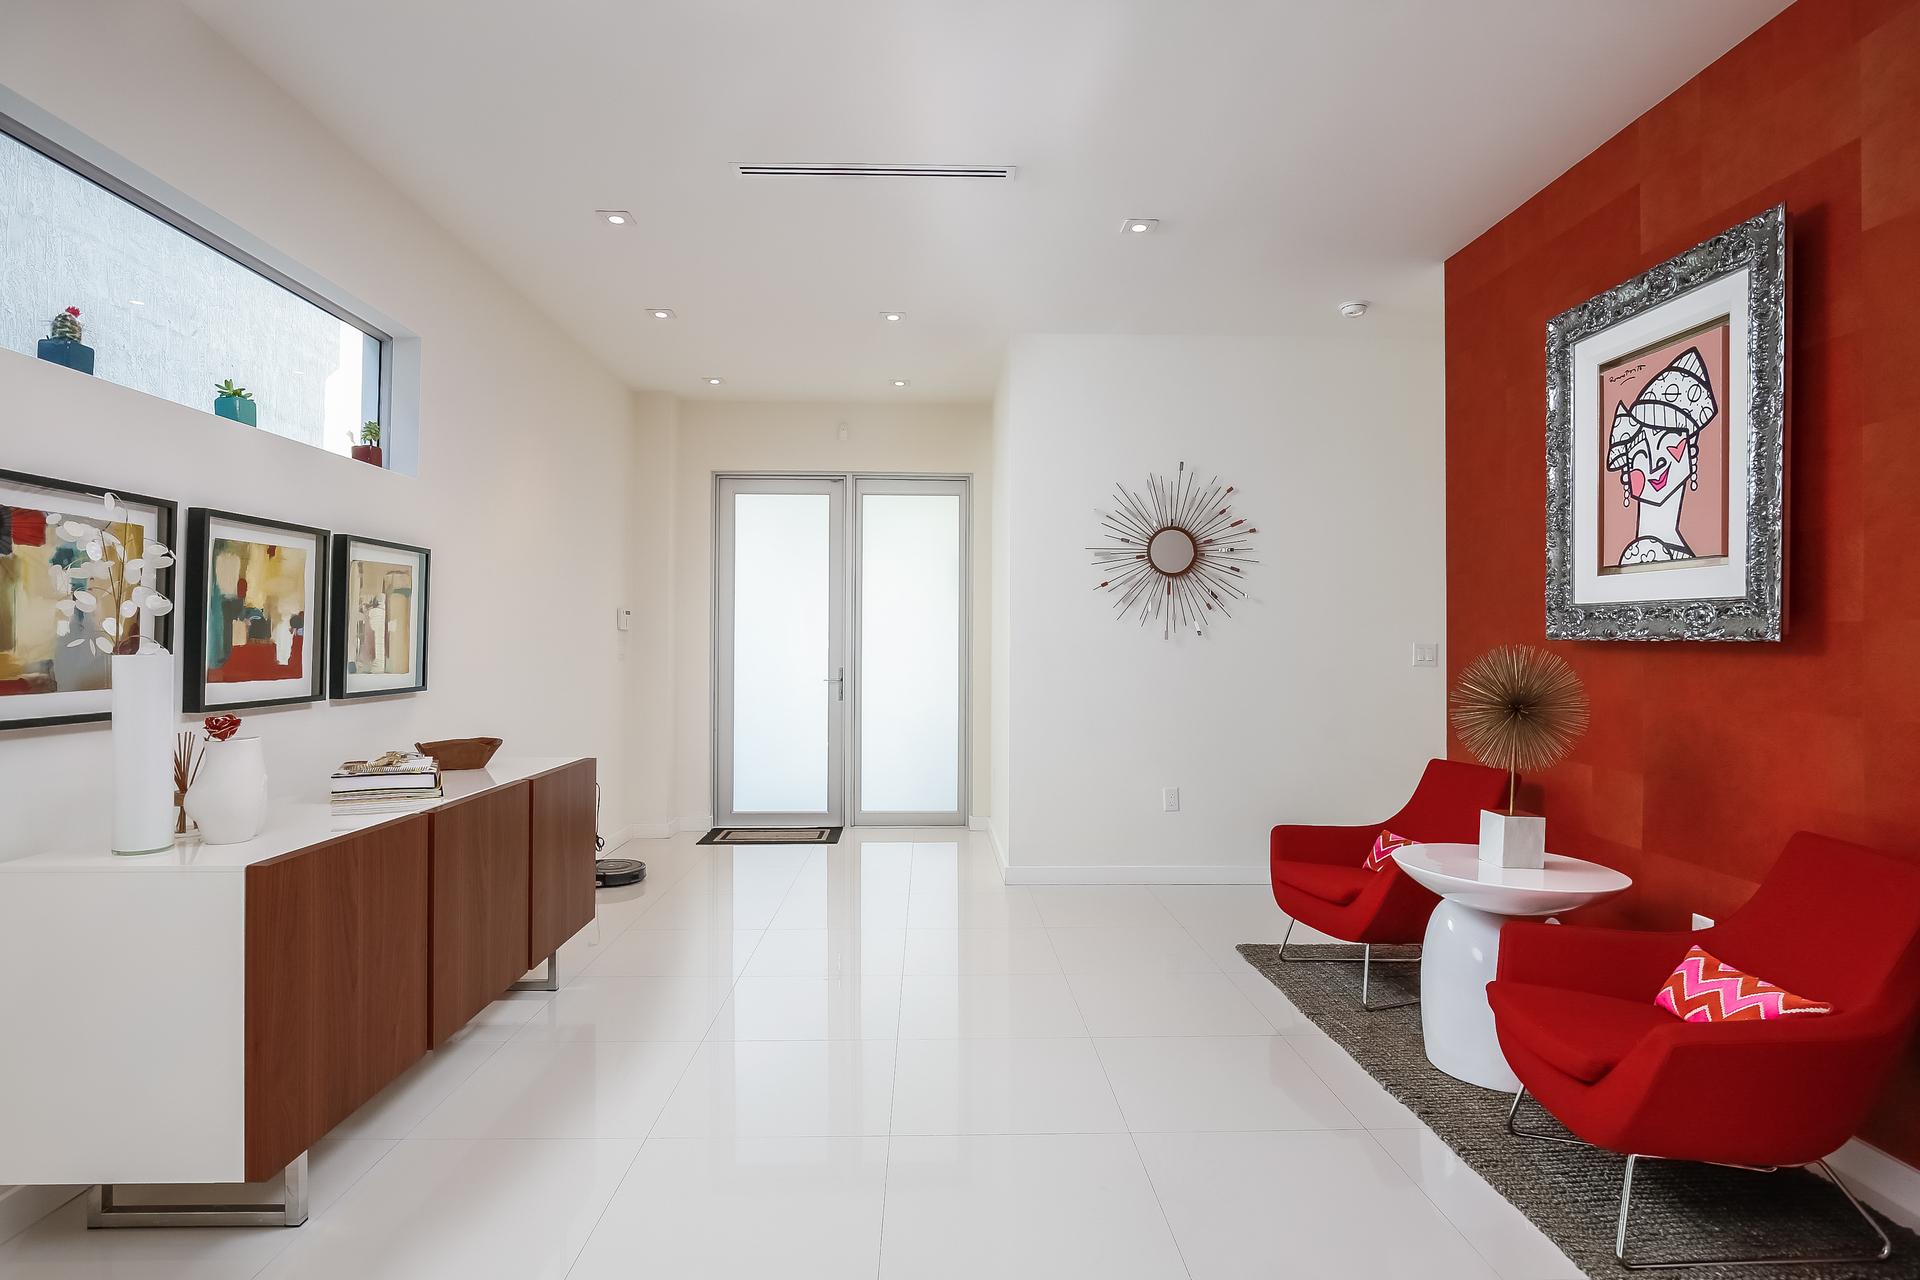 007-Foyer-5037881-medium